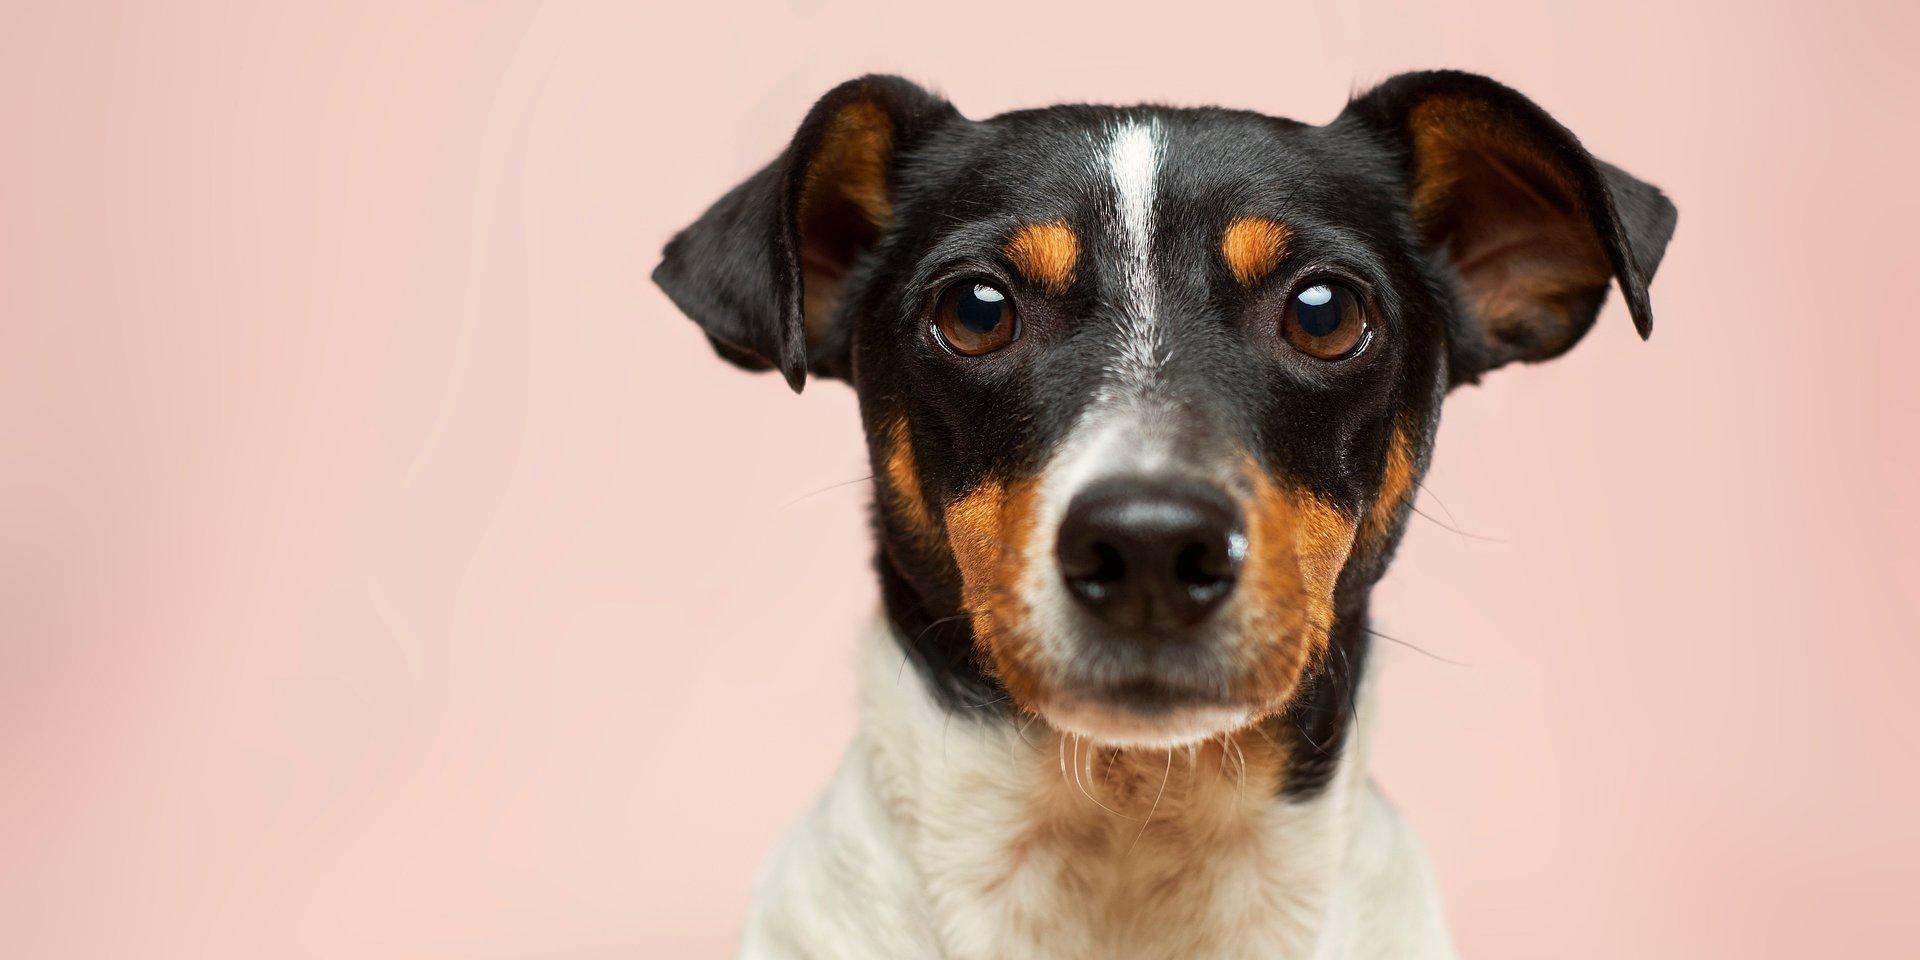 Od disco dla dobermanów po ballady dla bigli - Spotify z okazji Międzynarodowego Dnia Psa dokopuje się do tego, co dla psich uszu jest muzyką